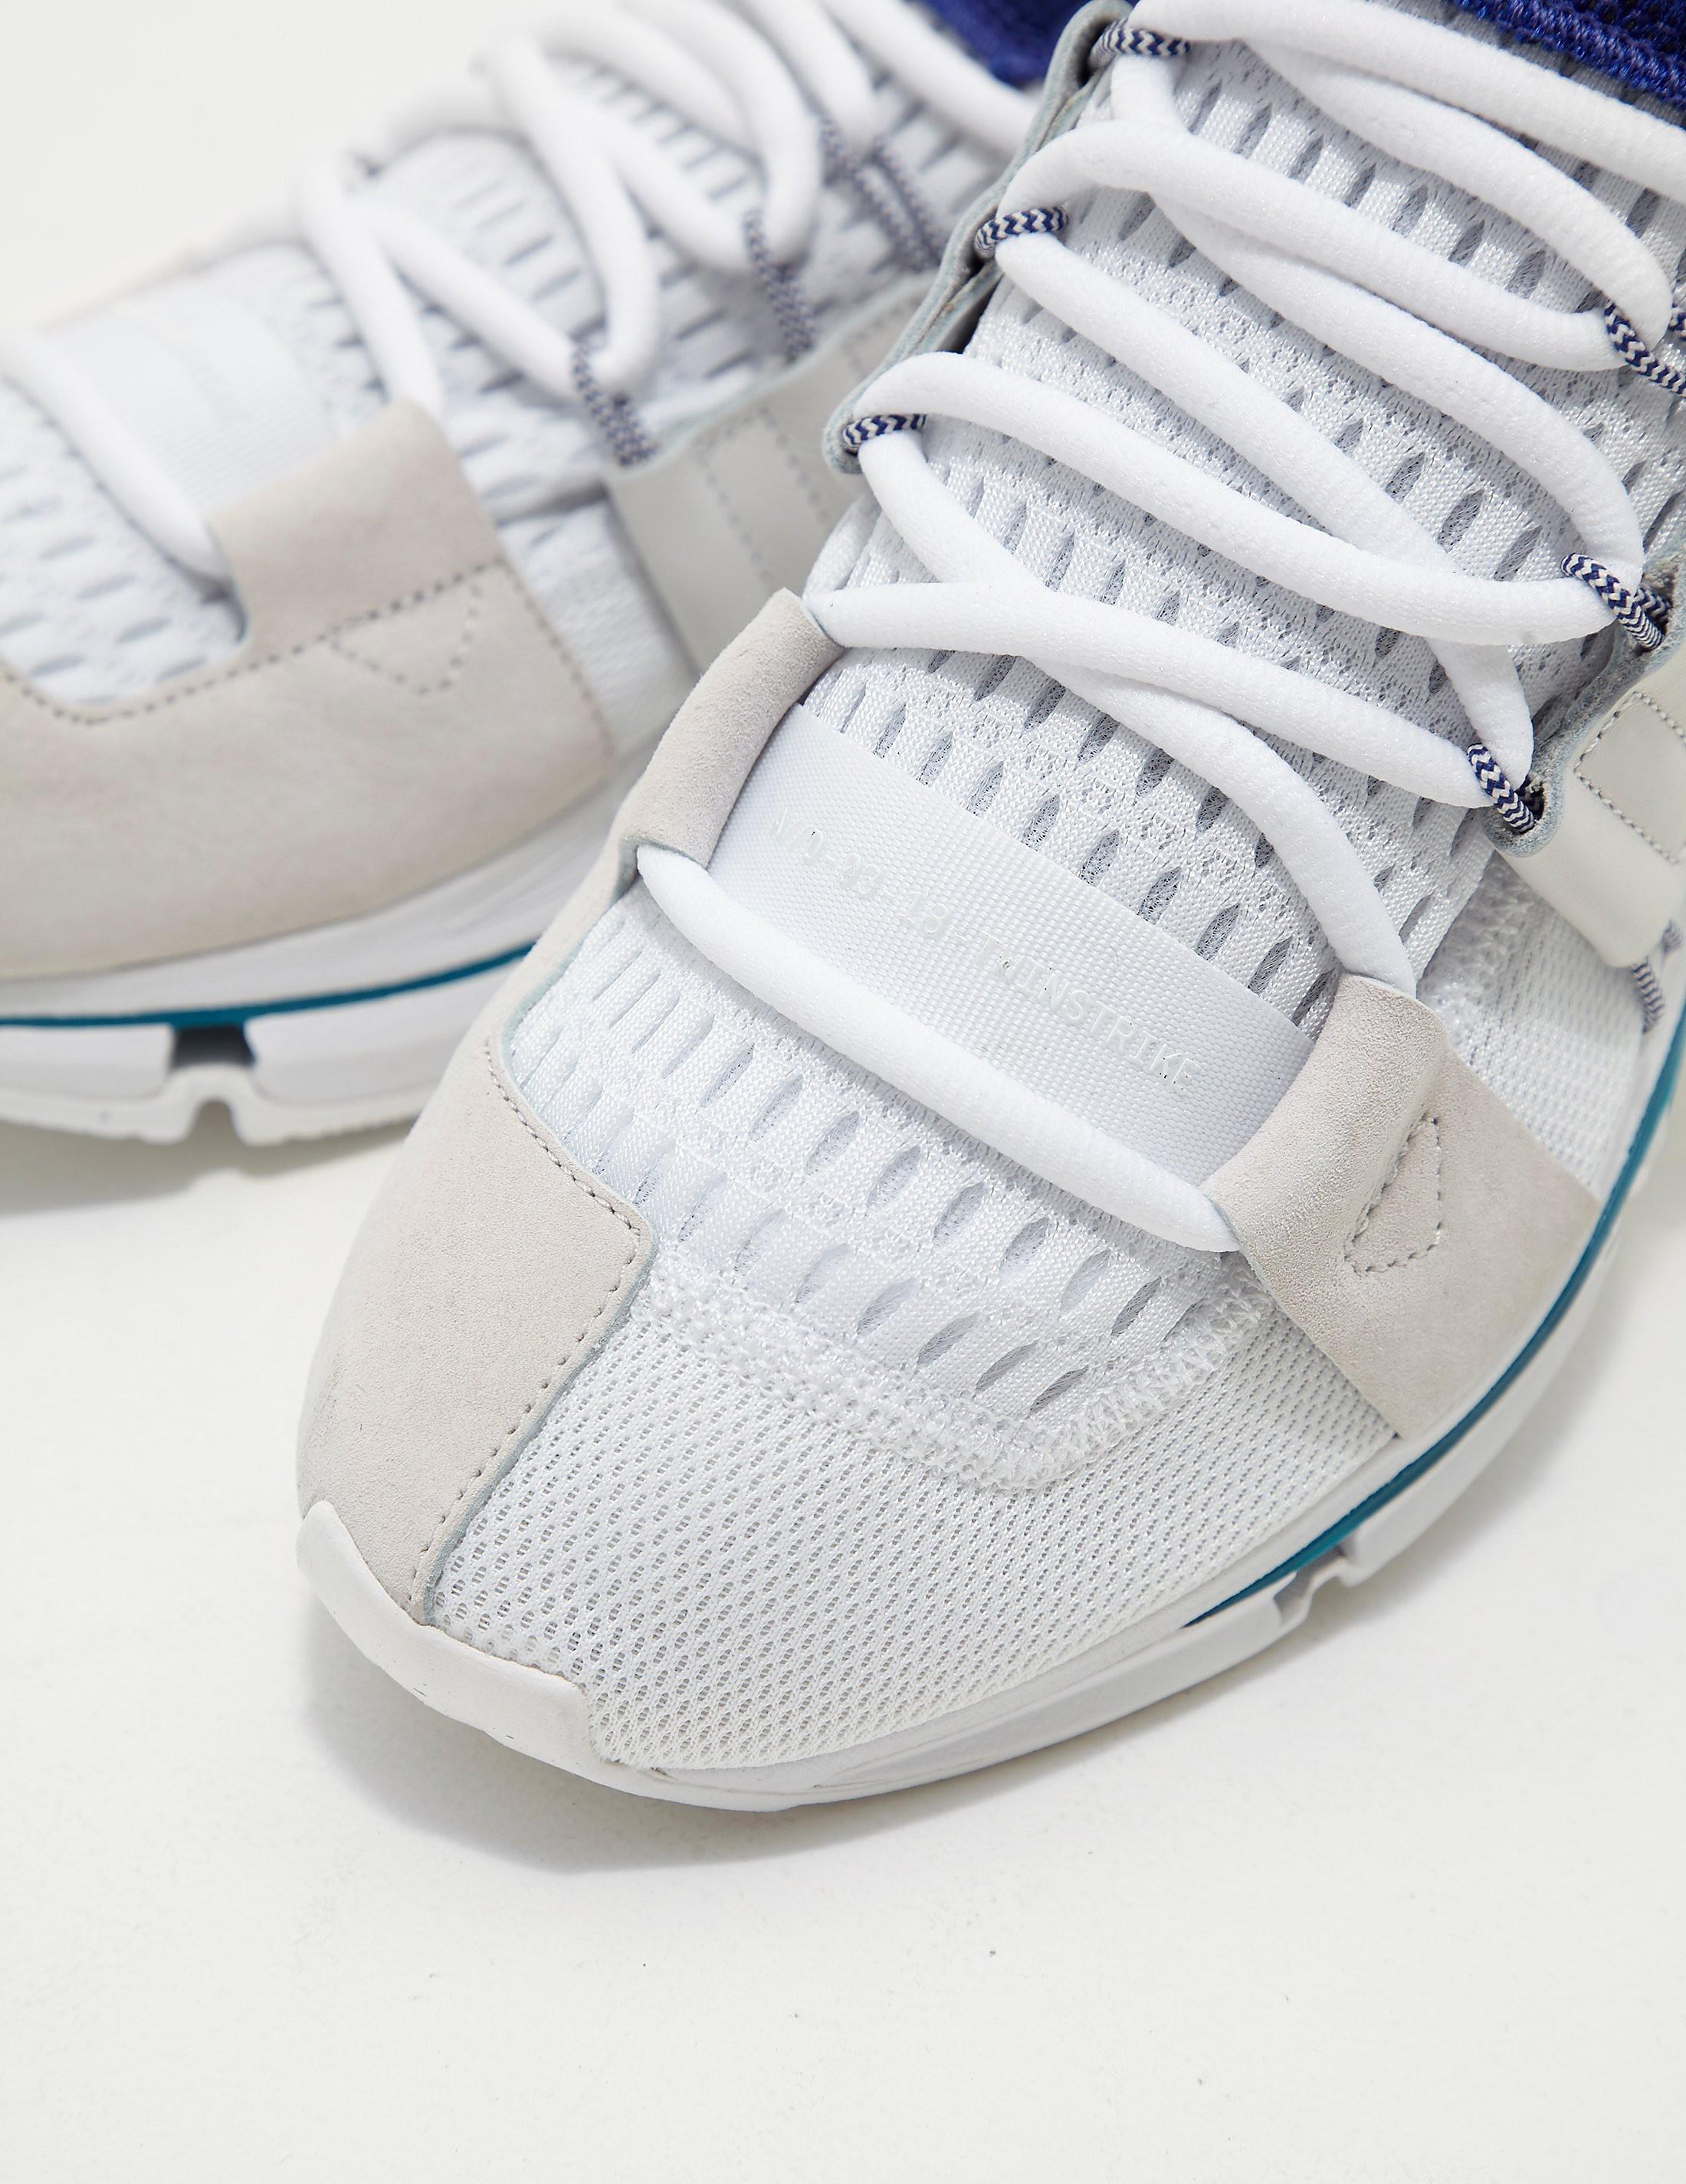 adidas Originals Twinstrike ADV